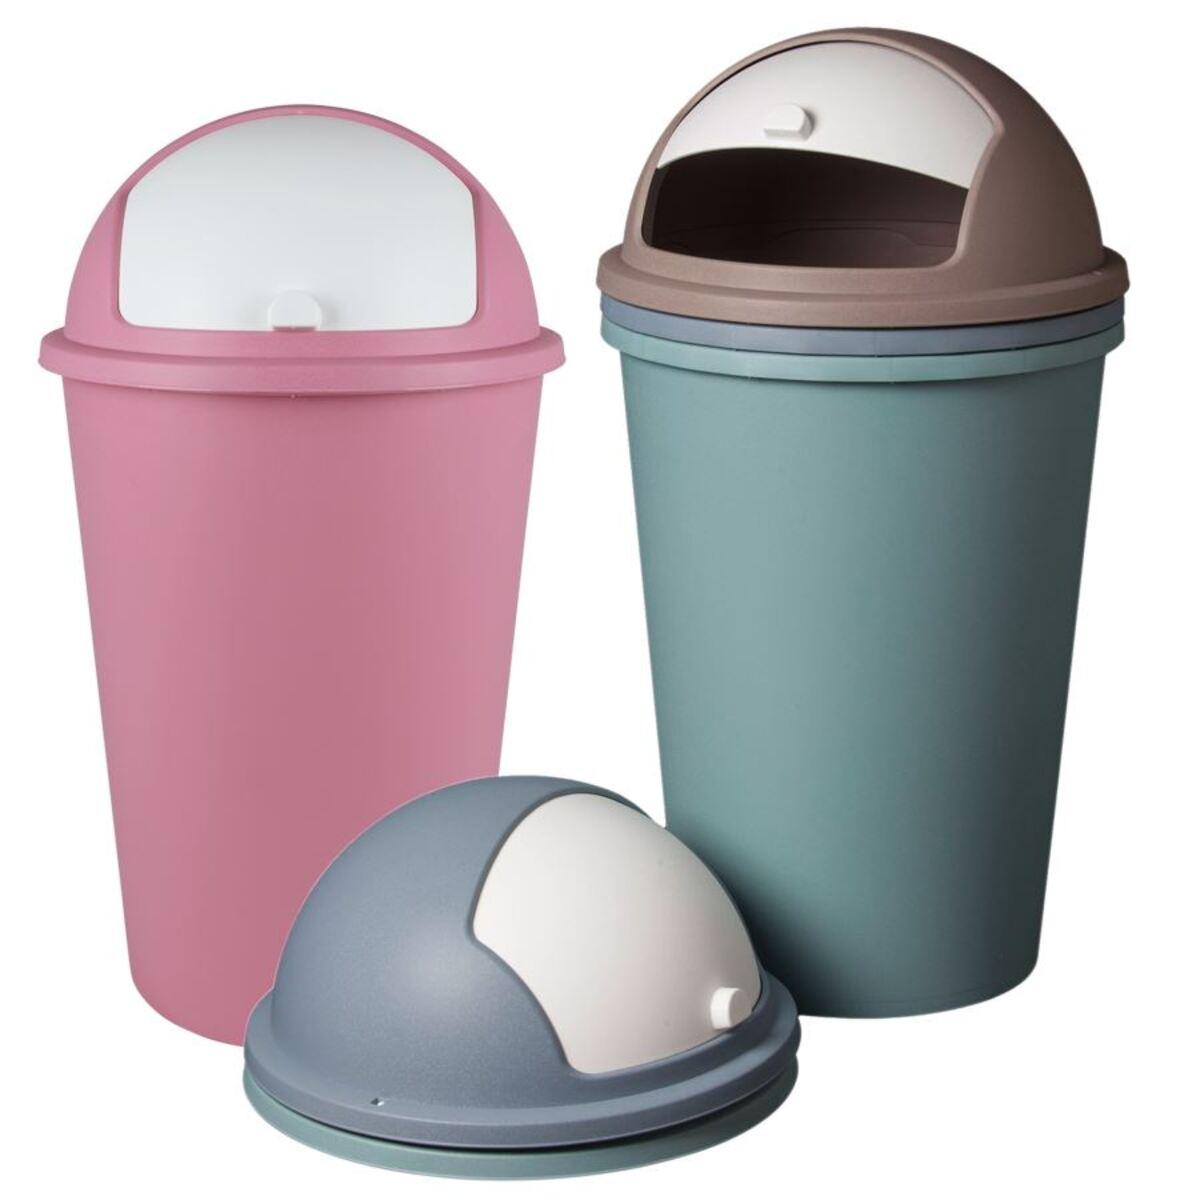 Bild 1 von Push Bin Abfalleimer 50 Liter